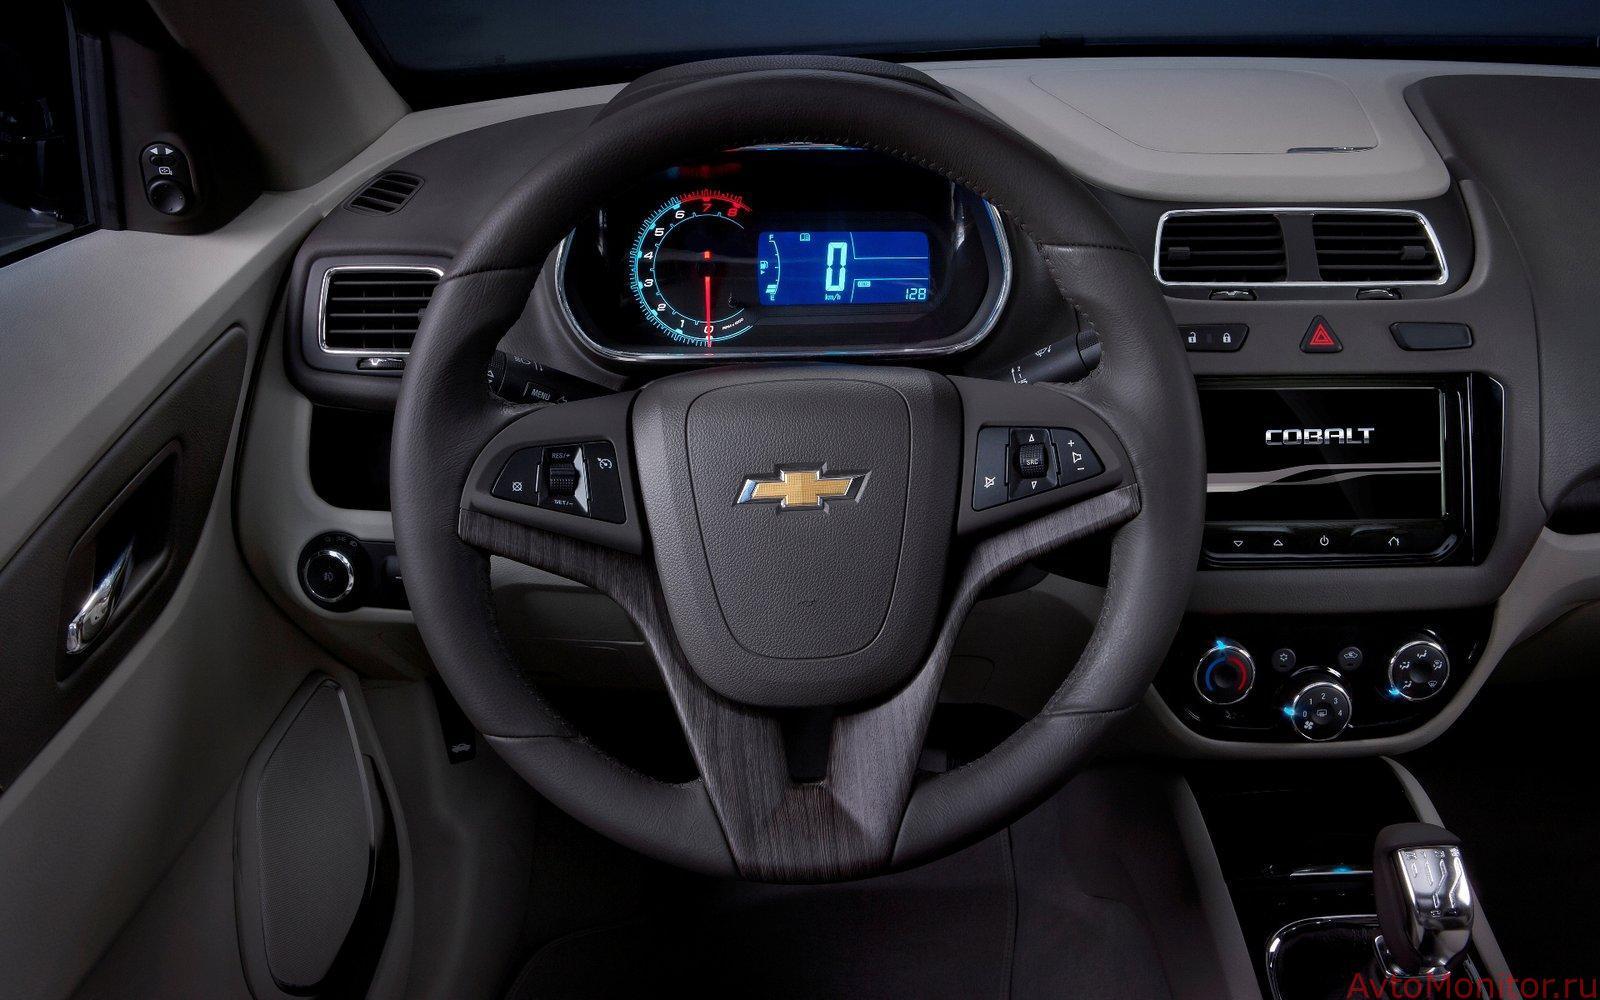 Chevrolet Cobalt 2013 АКПП (автомат)